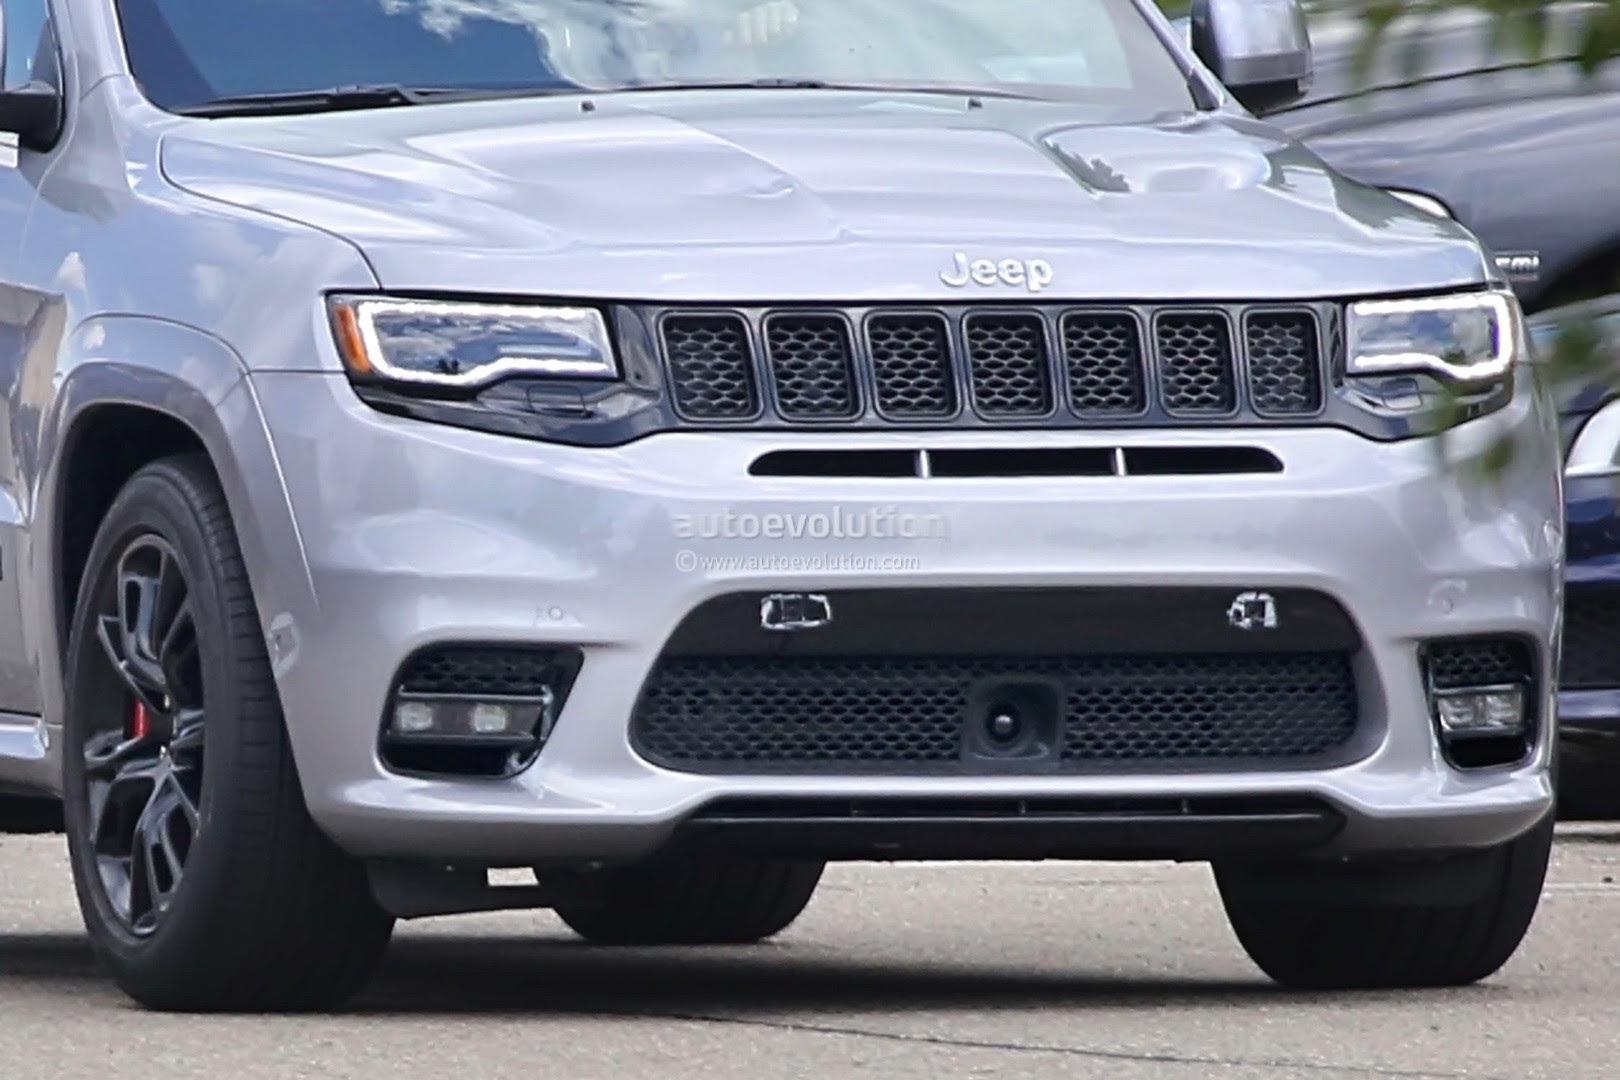 2015 Jeep Grand Cherokee Diesel | 2017 - 2018 Best Car Reviews